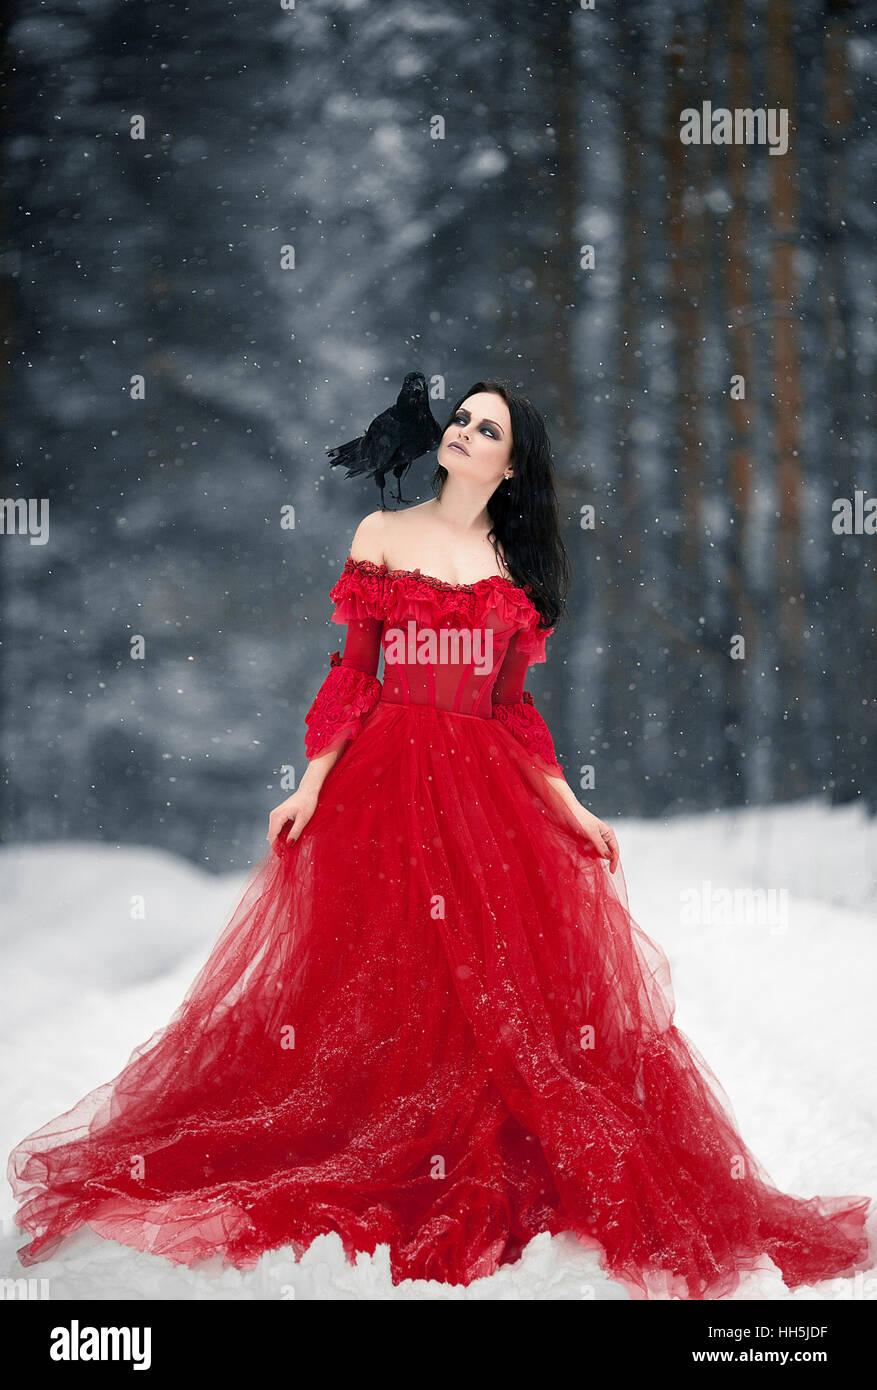 Raben Frau Die Hexe Schulter Kleid Roten Mit Und Auf Im qSzGpjVLUM